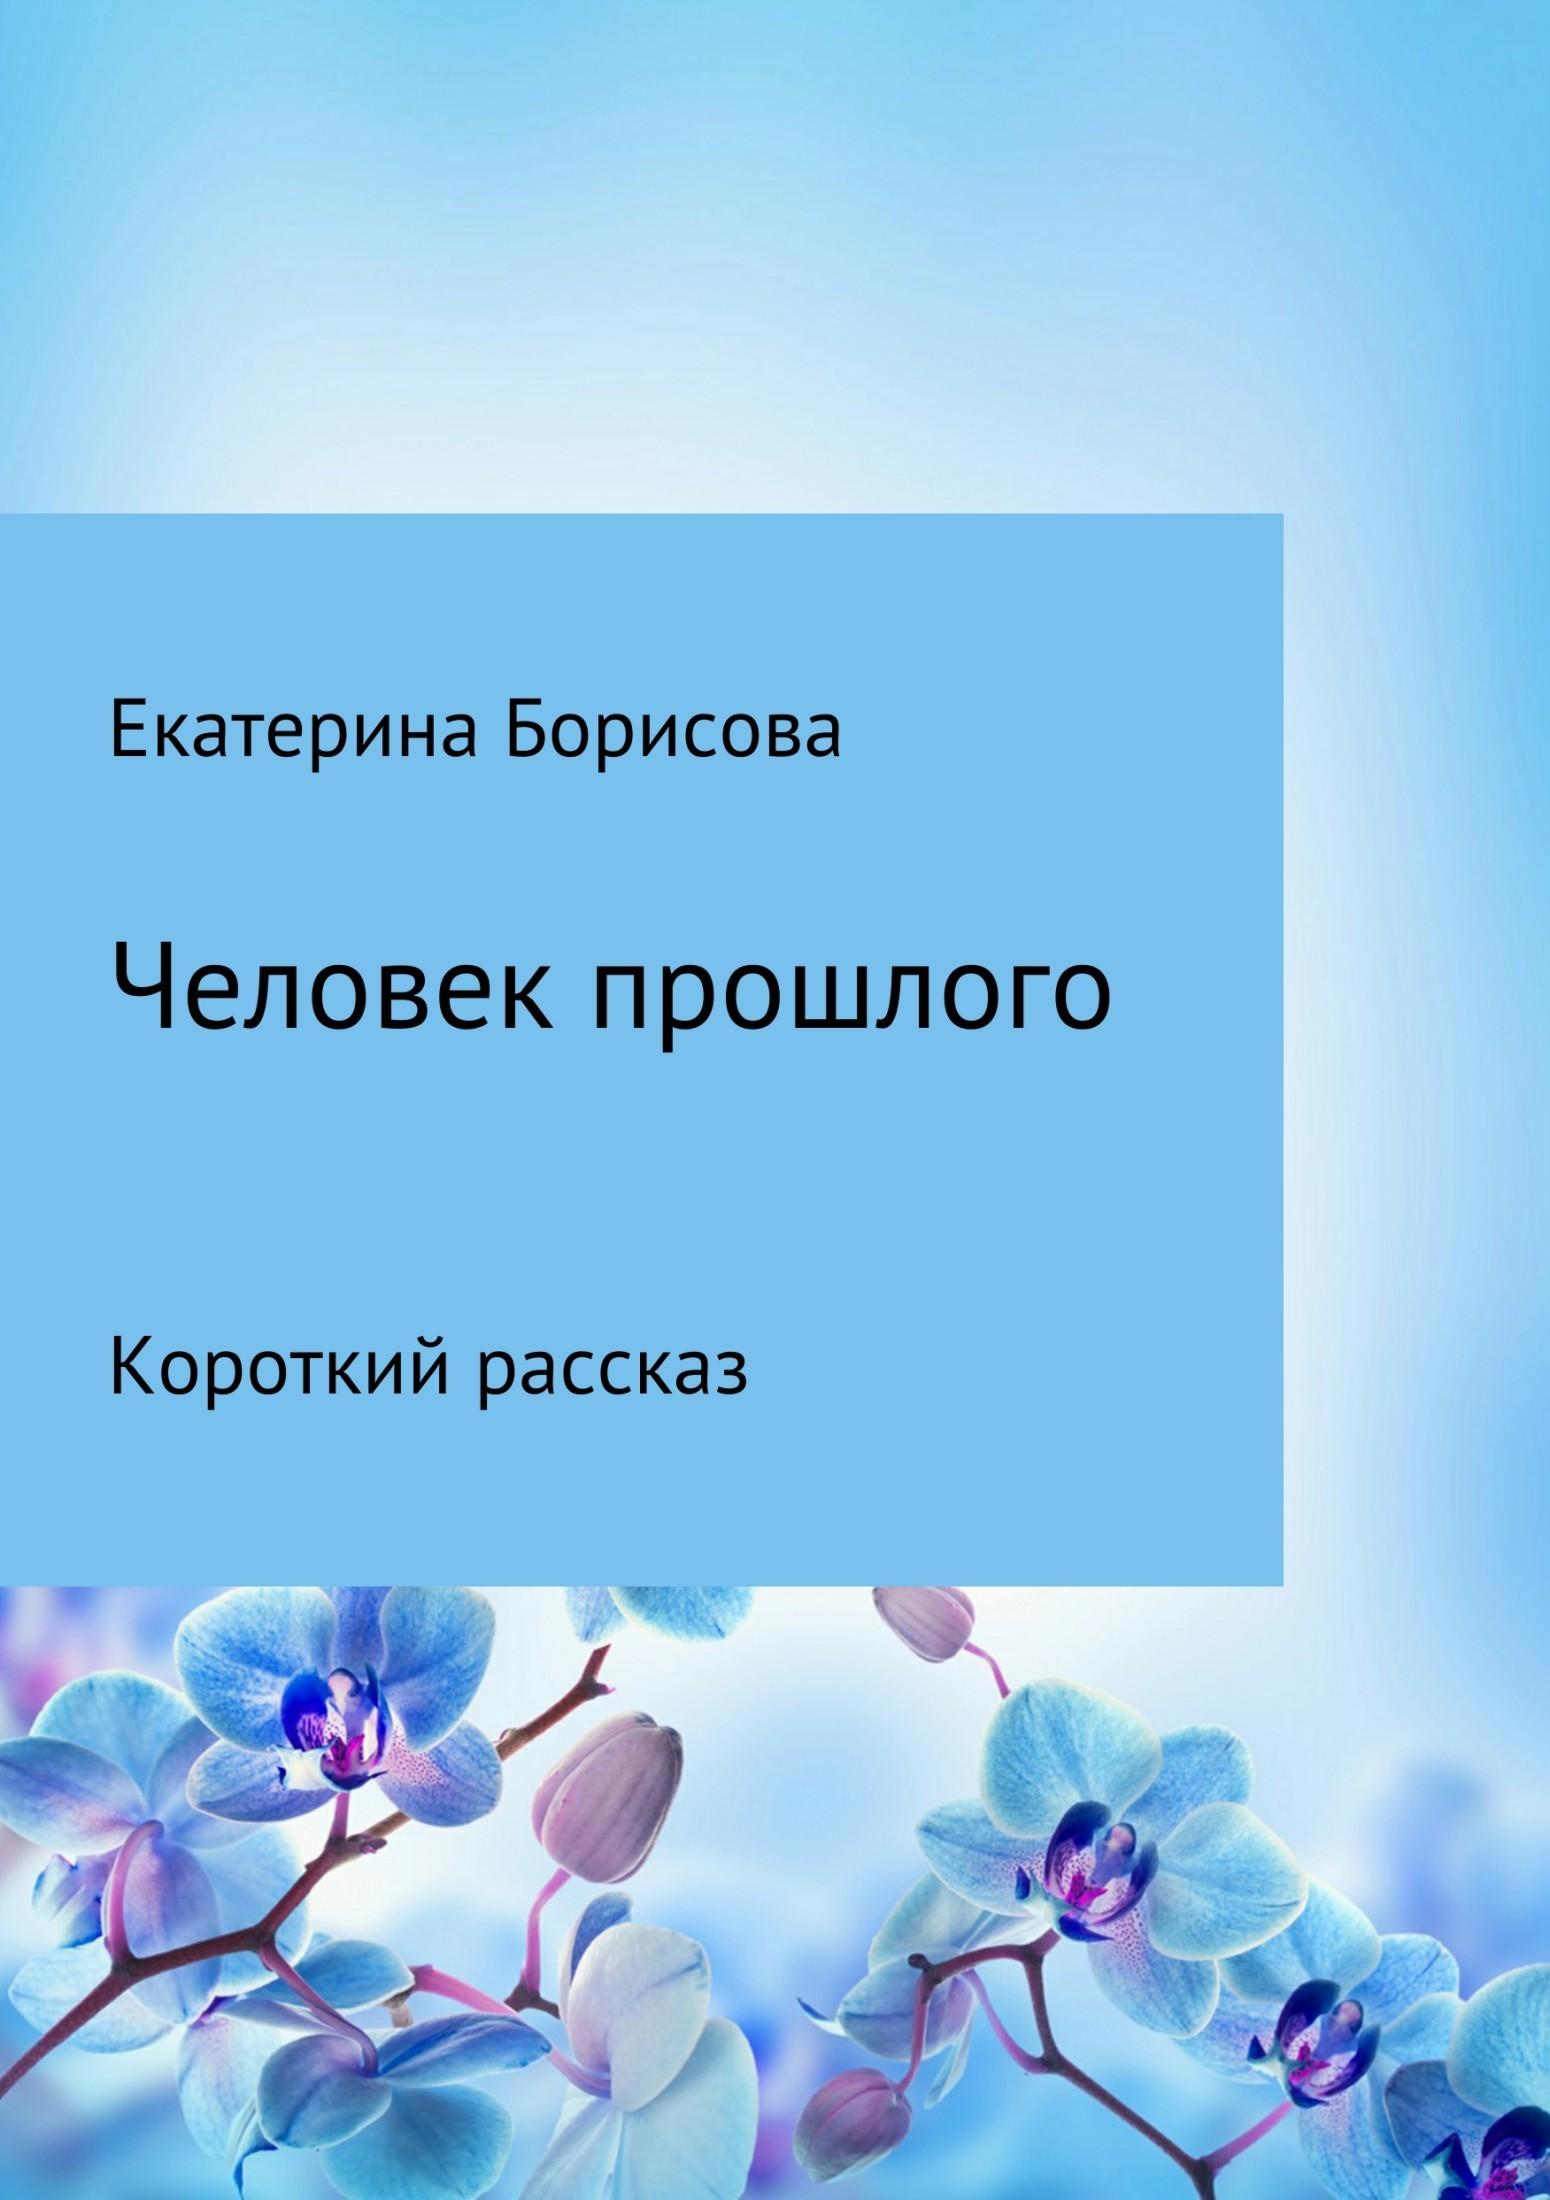 Екатерина Борисова Человек прошлого екатерина усслен наивысшиймир рассказ